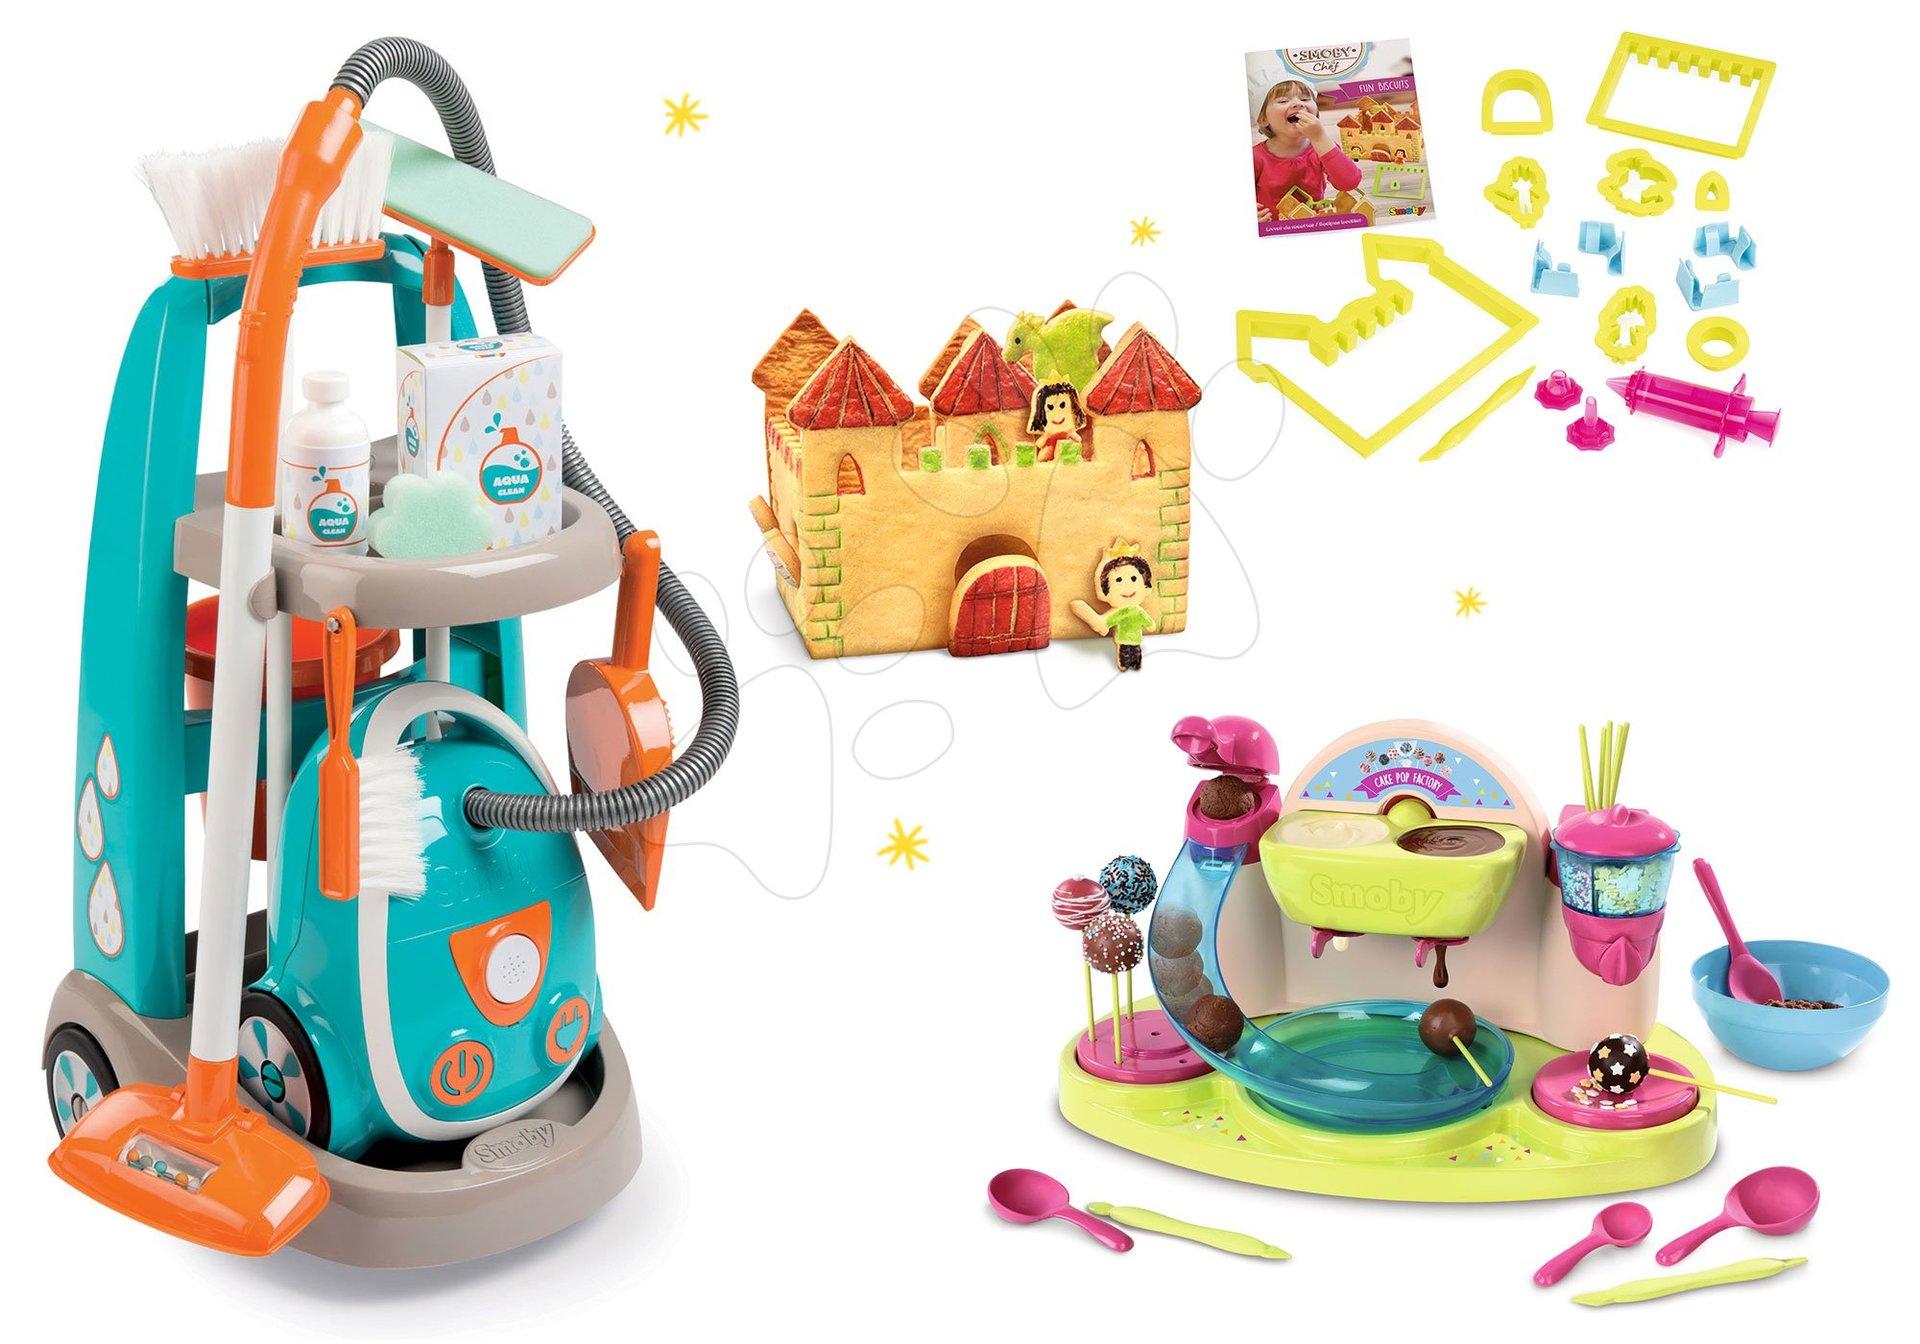 Hry na domácnost - Set úklidový vozík s elektronickým vysavačem Clean Smoby a čokoládovna